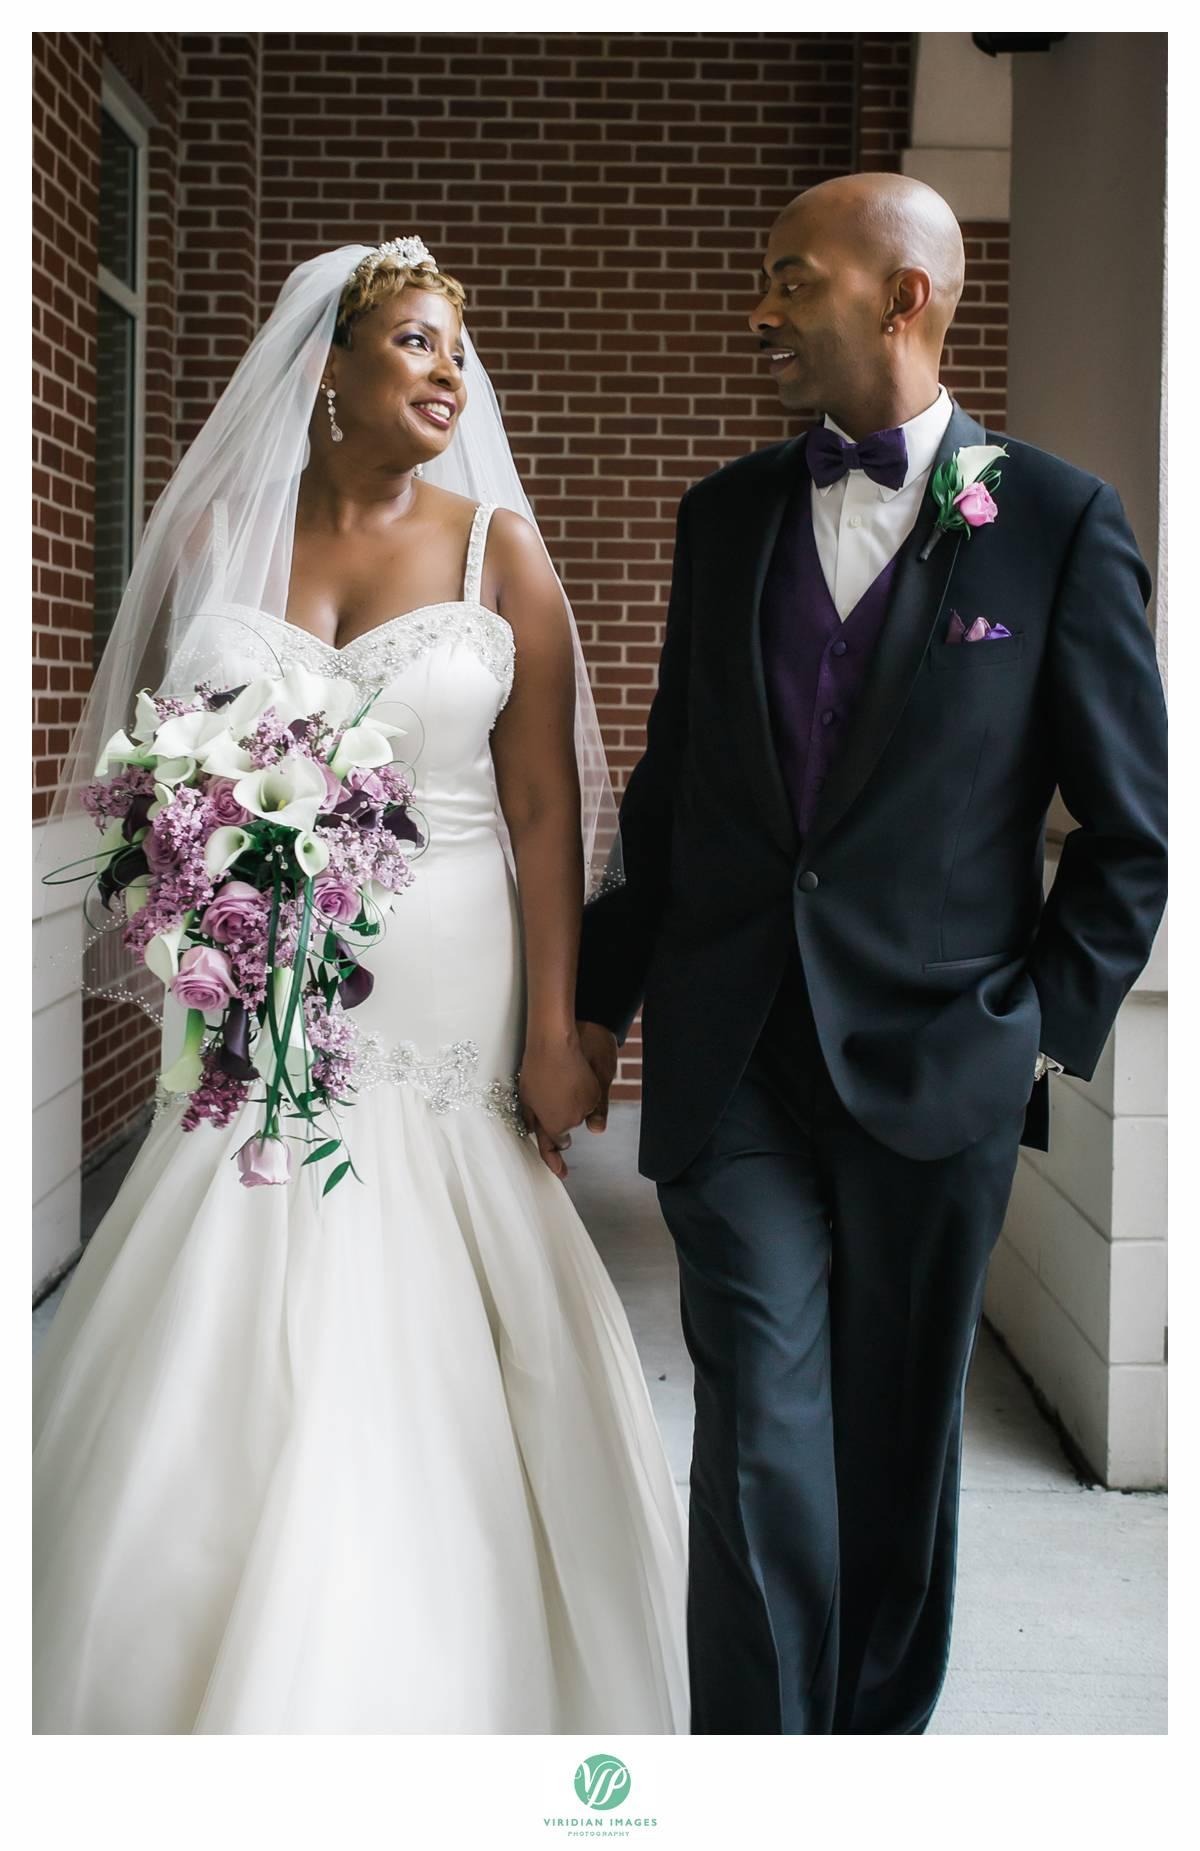 Douglasville-Wedding-John-Nicole-Viridian-Images-photo-23